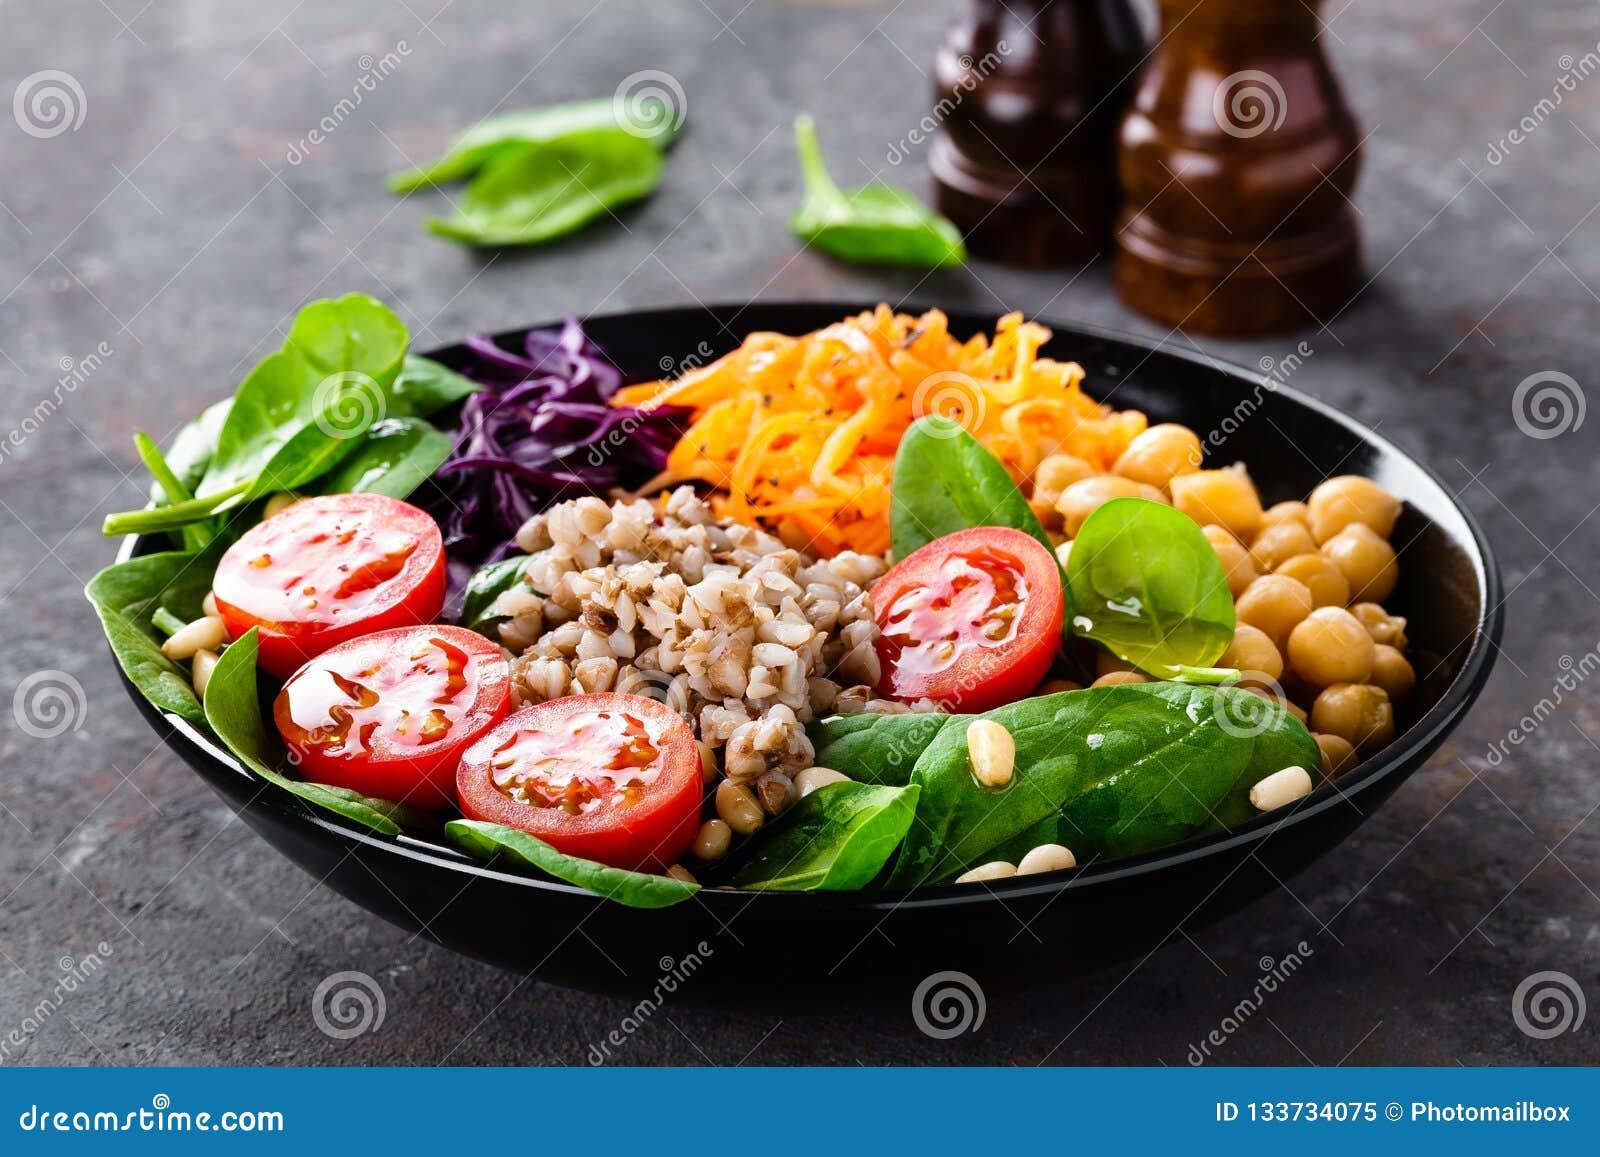 Plat végétarien sain avec du sarrasin et la salade végétale du pois chiche, du chou frisé, de la carotte, des tomates fraîches, d